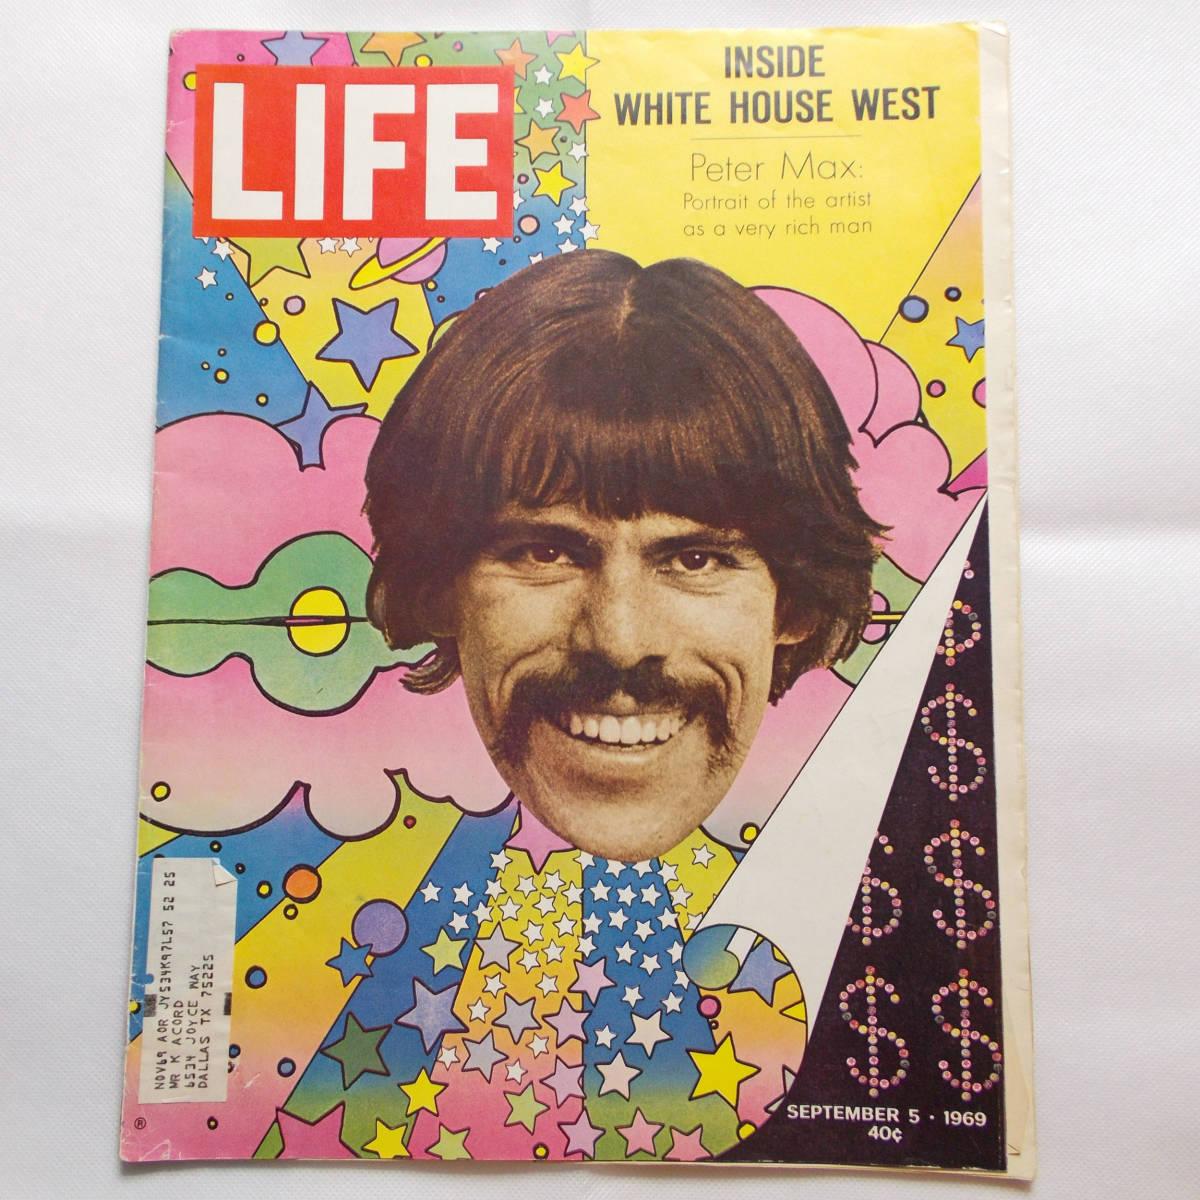 LIFE magazine ライフ Peter Max ピーターマックス USエディション 1969年9月 60's コレクターズアイテム _画像1